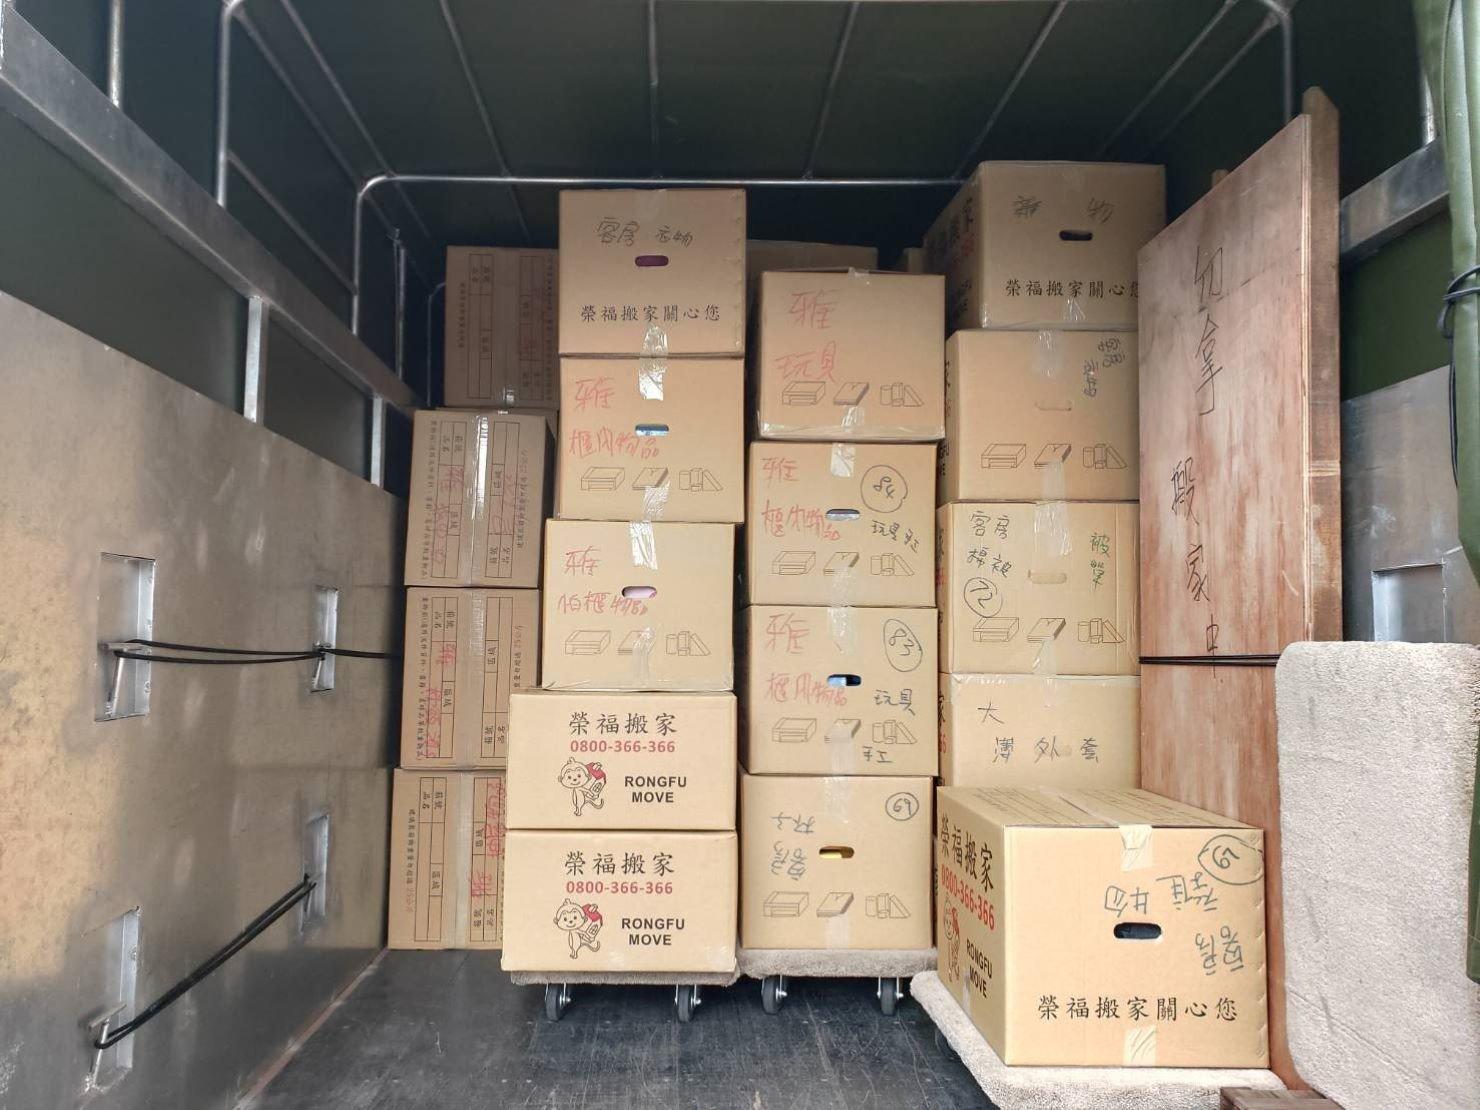 精緻搬家【榮福搬家公司】搬家首選、搬家公司推薦:優質搬家,包裝搬運「細膩包裝、專業搬運、用心服務、以客為尊」是榮福搬家公司的宗旨與精神。歡迎立即來電02-2651-2727專人服務。